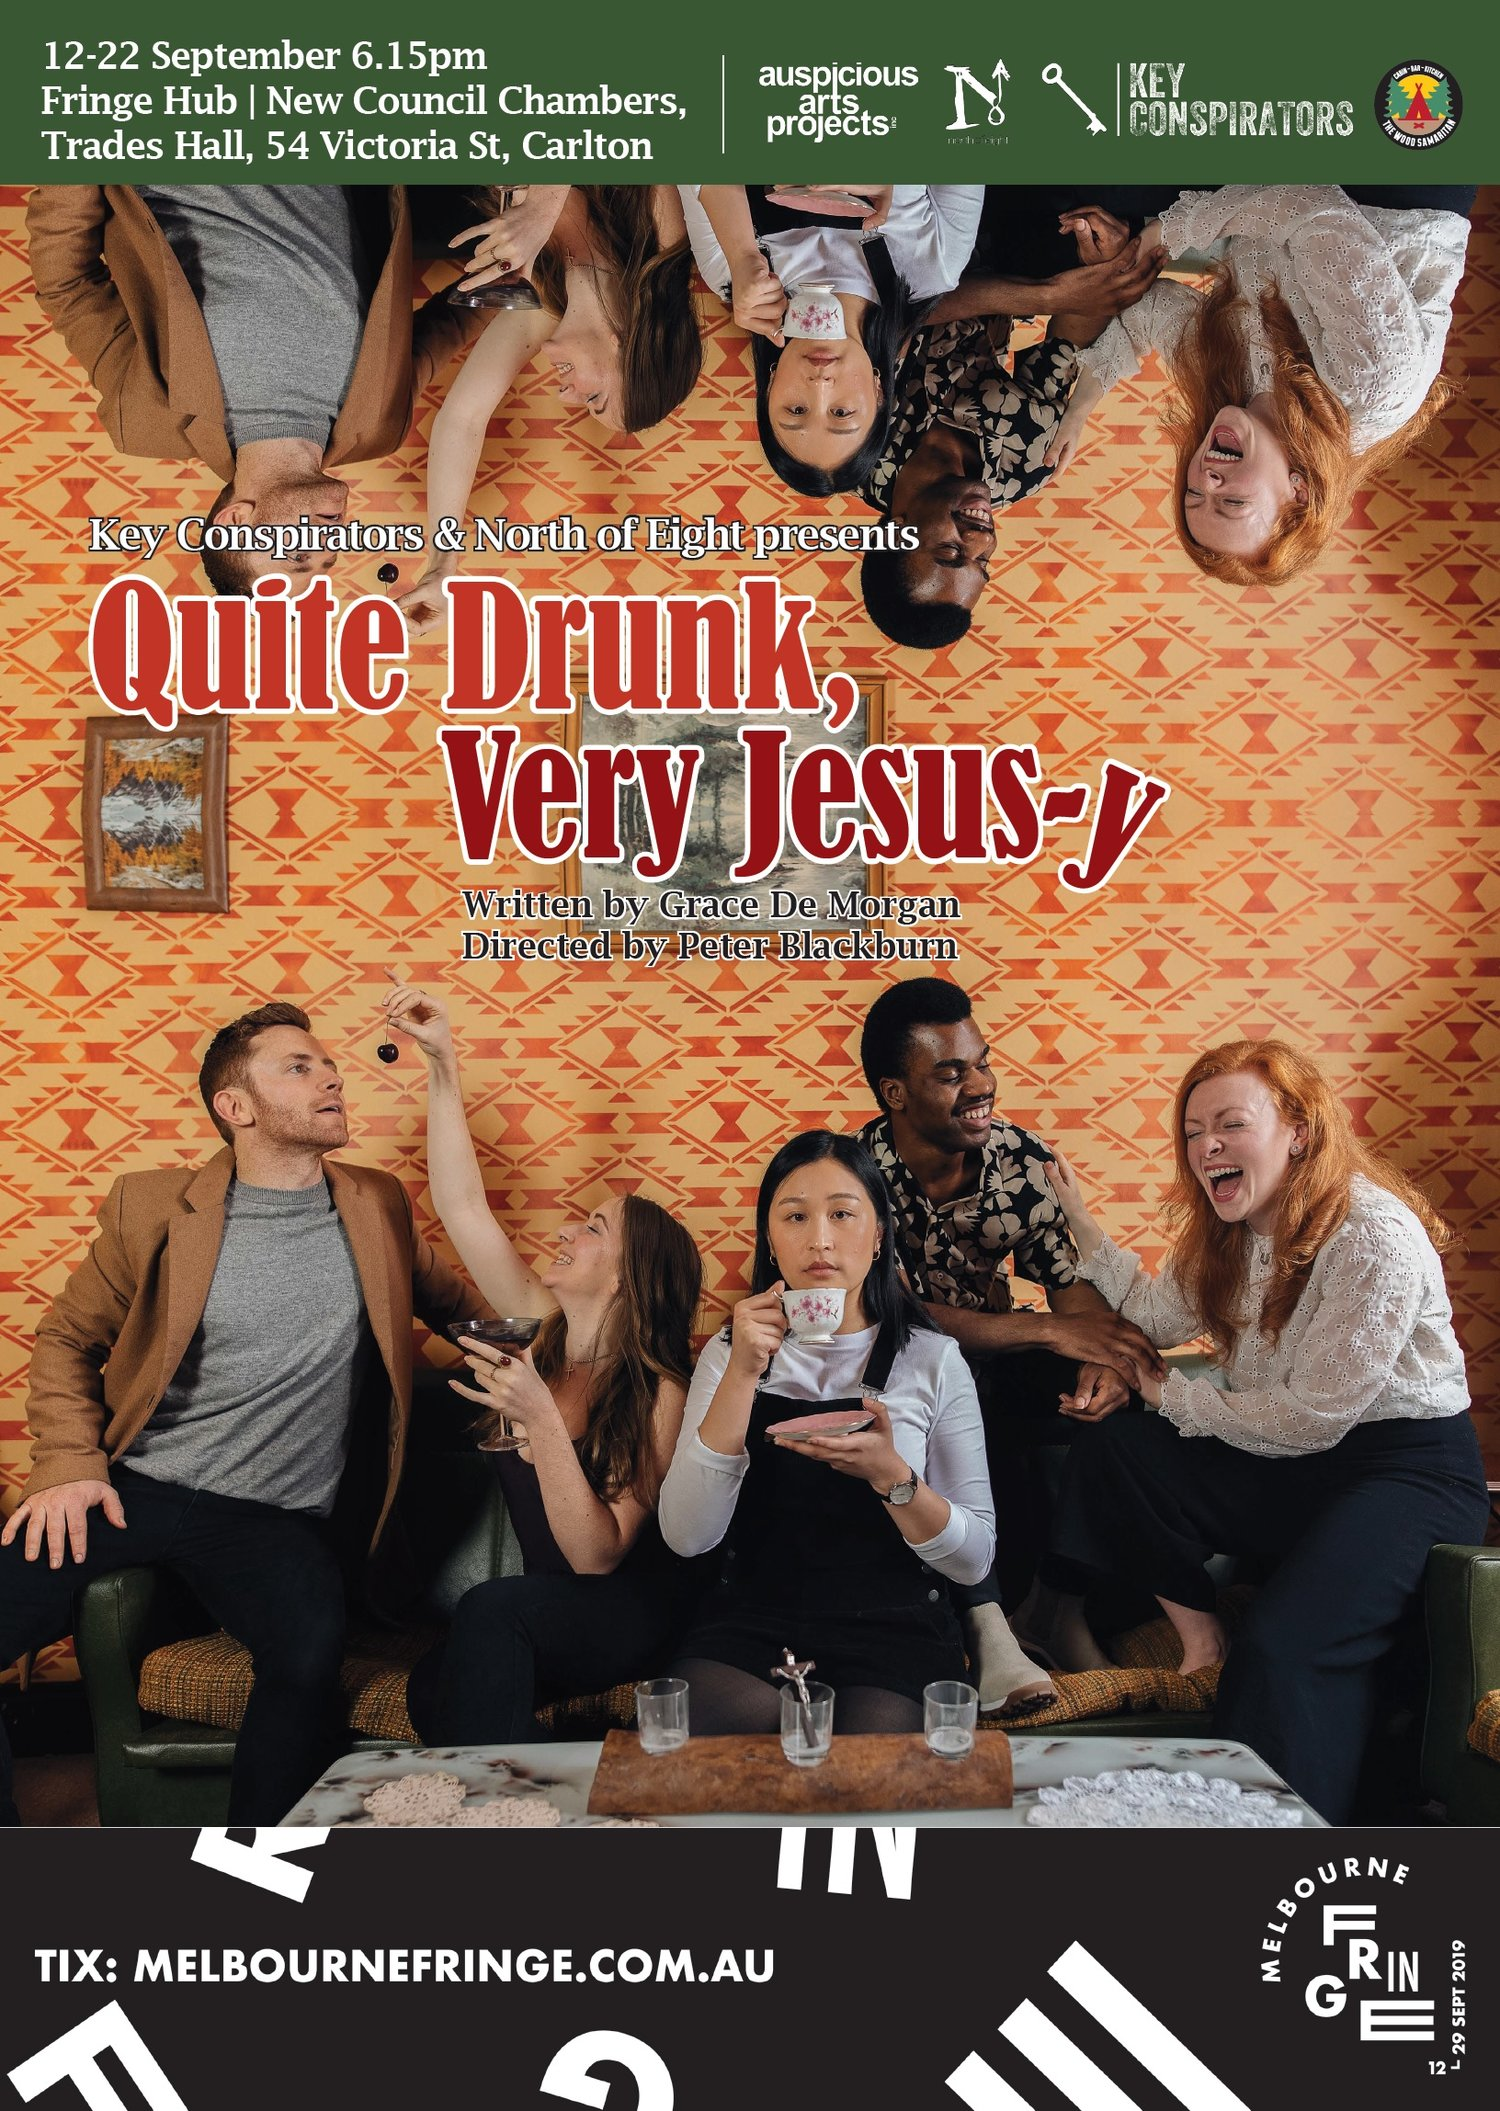 Quite Drunk, Very Jesus-y by Grace De Morgan —